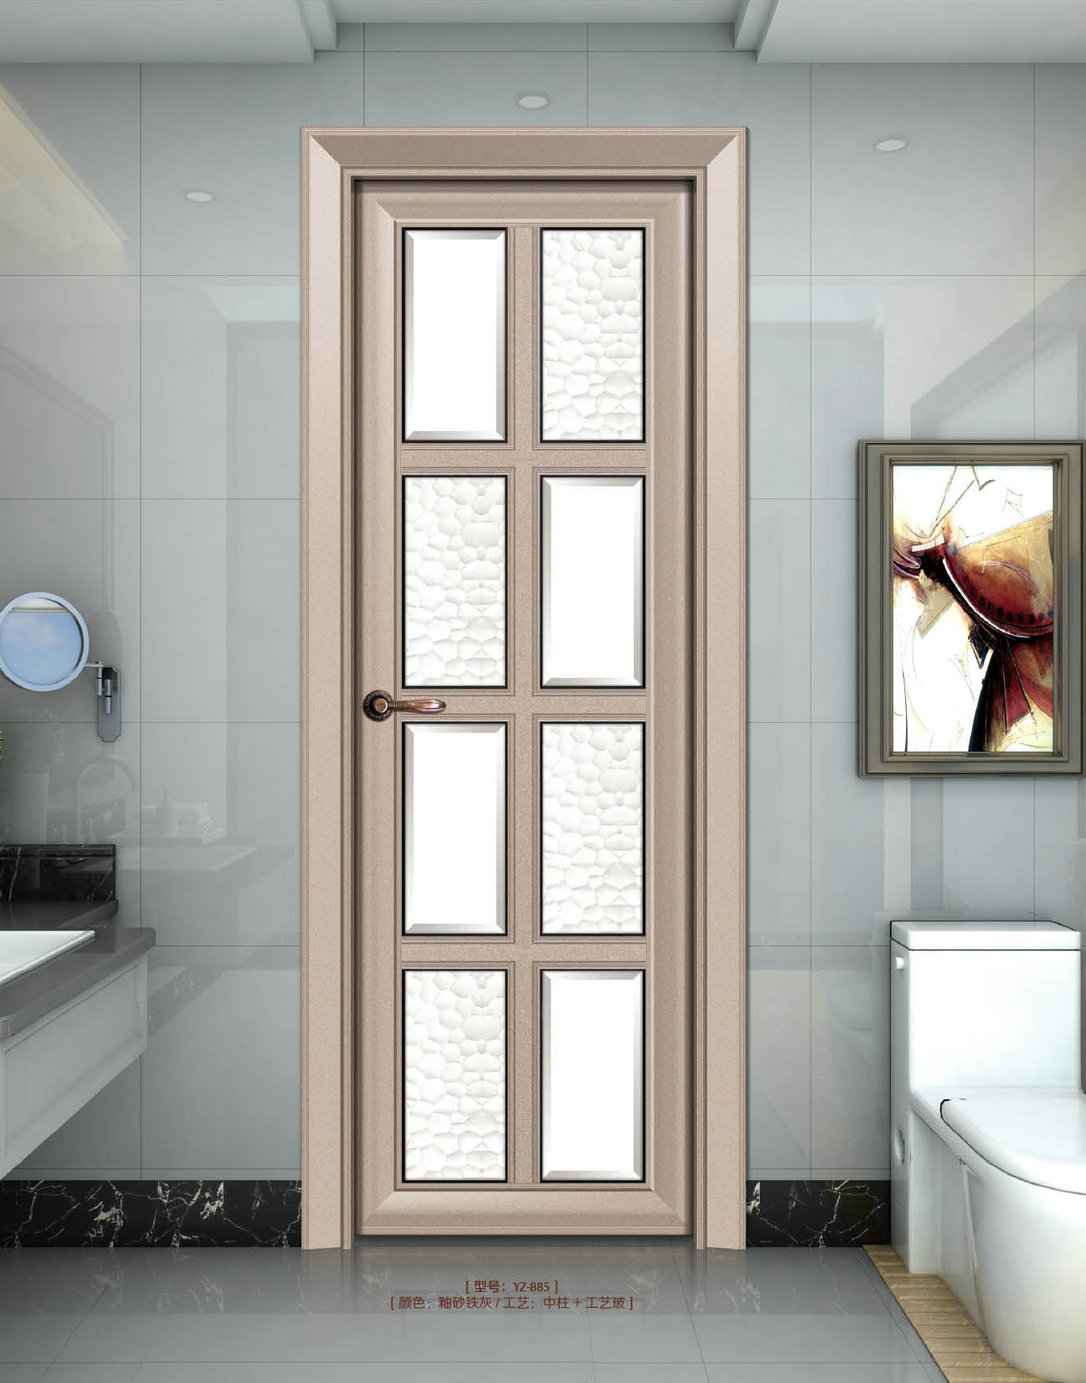 欧式阳台门框造型图片